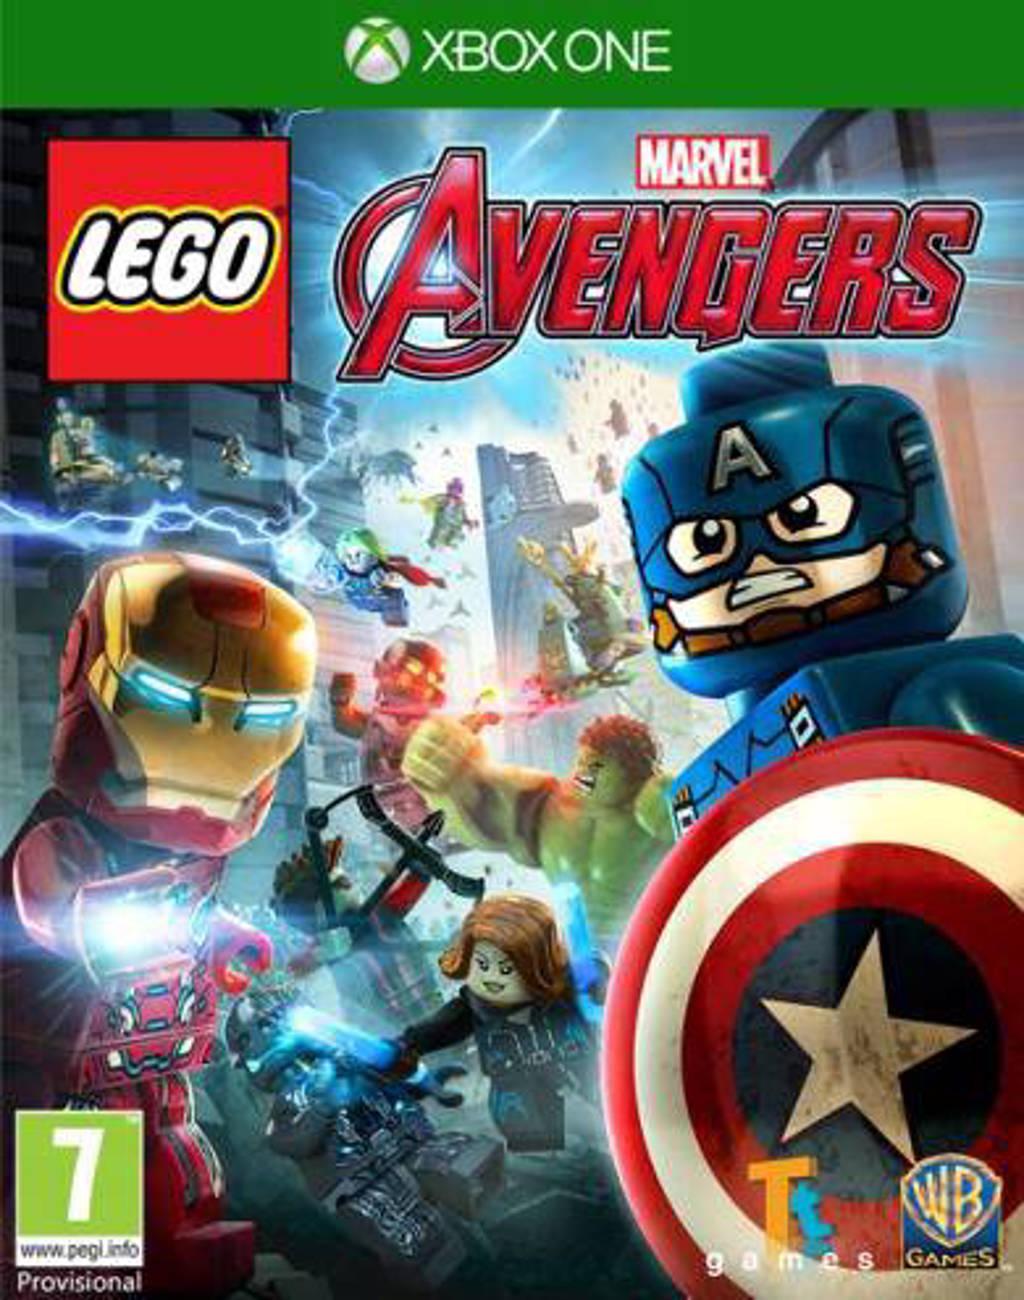 LEGO Marvels Avengers (Xbox One)